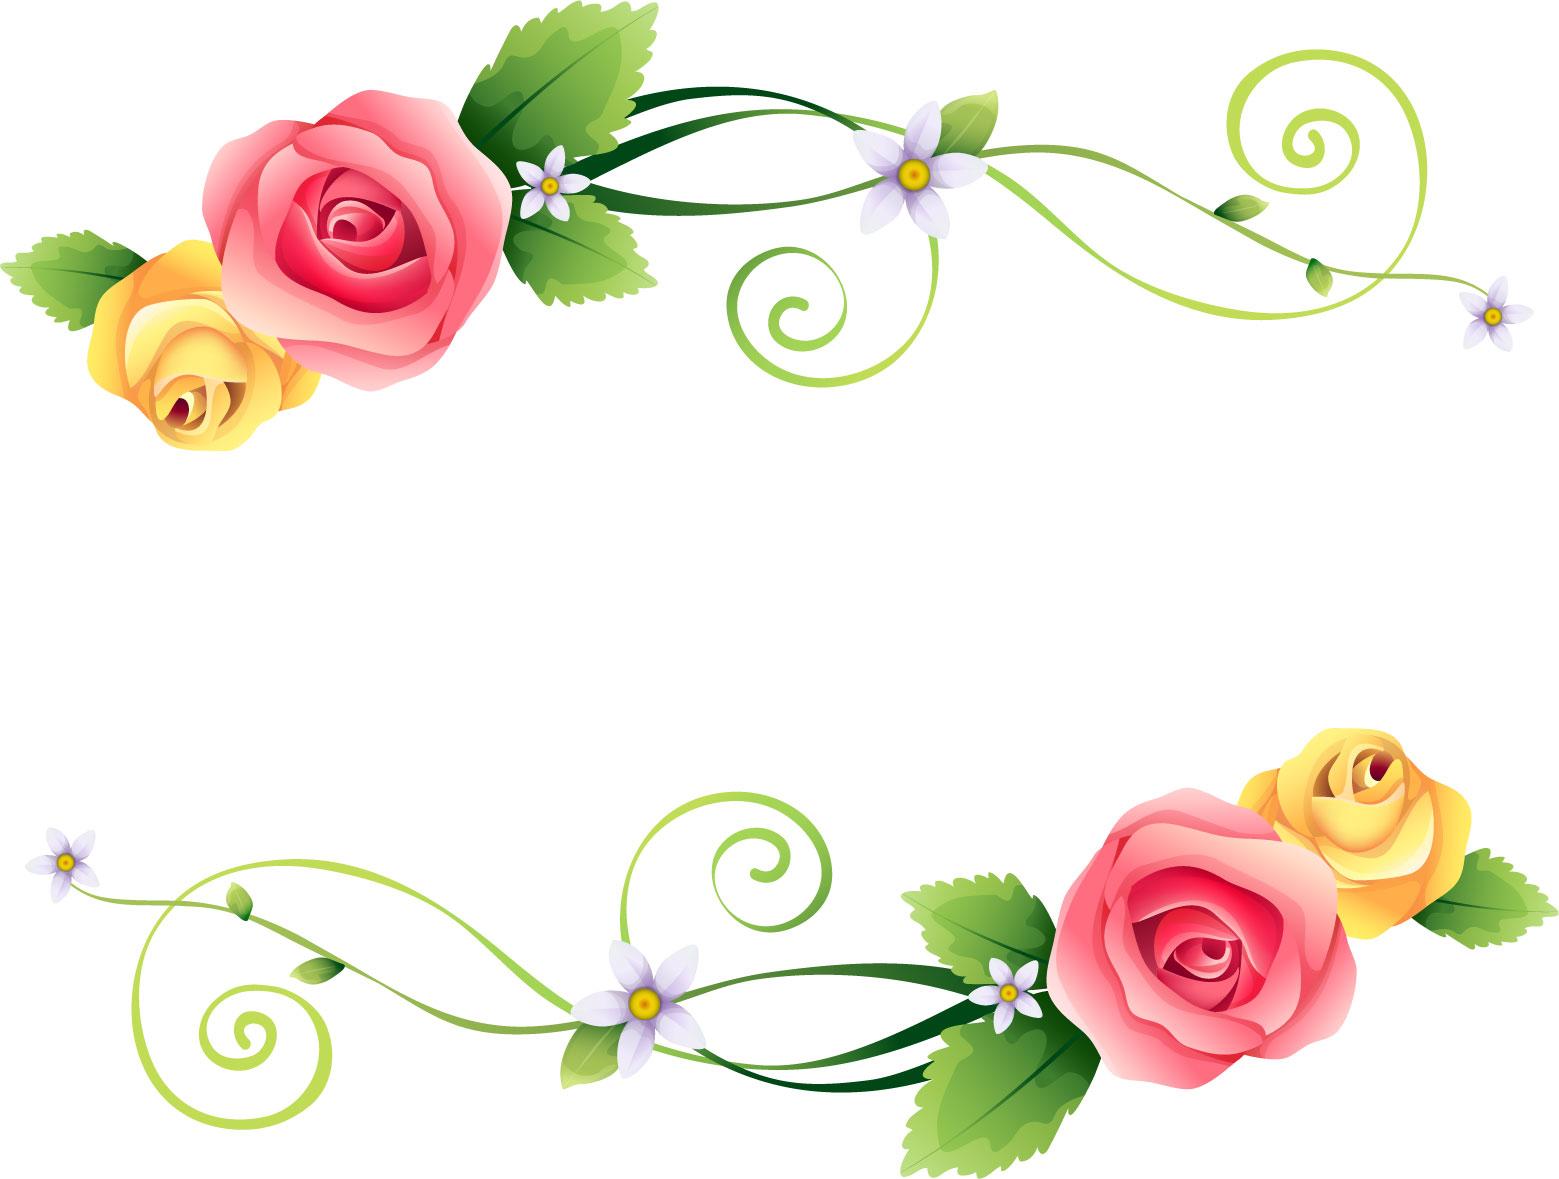 素材集』綺麗でかわいいバラのイラストまとめ - naver まとめ